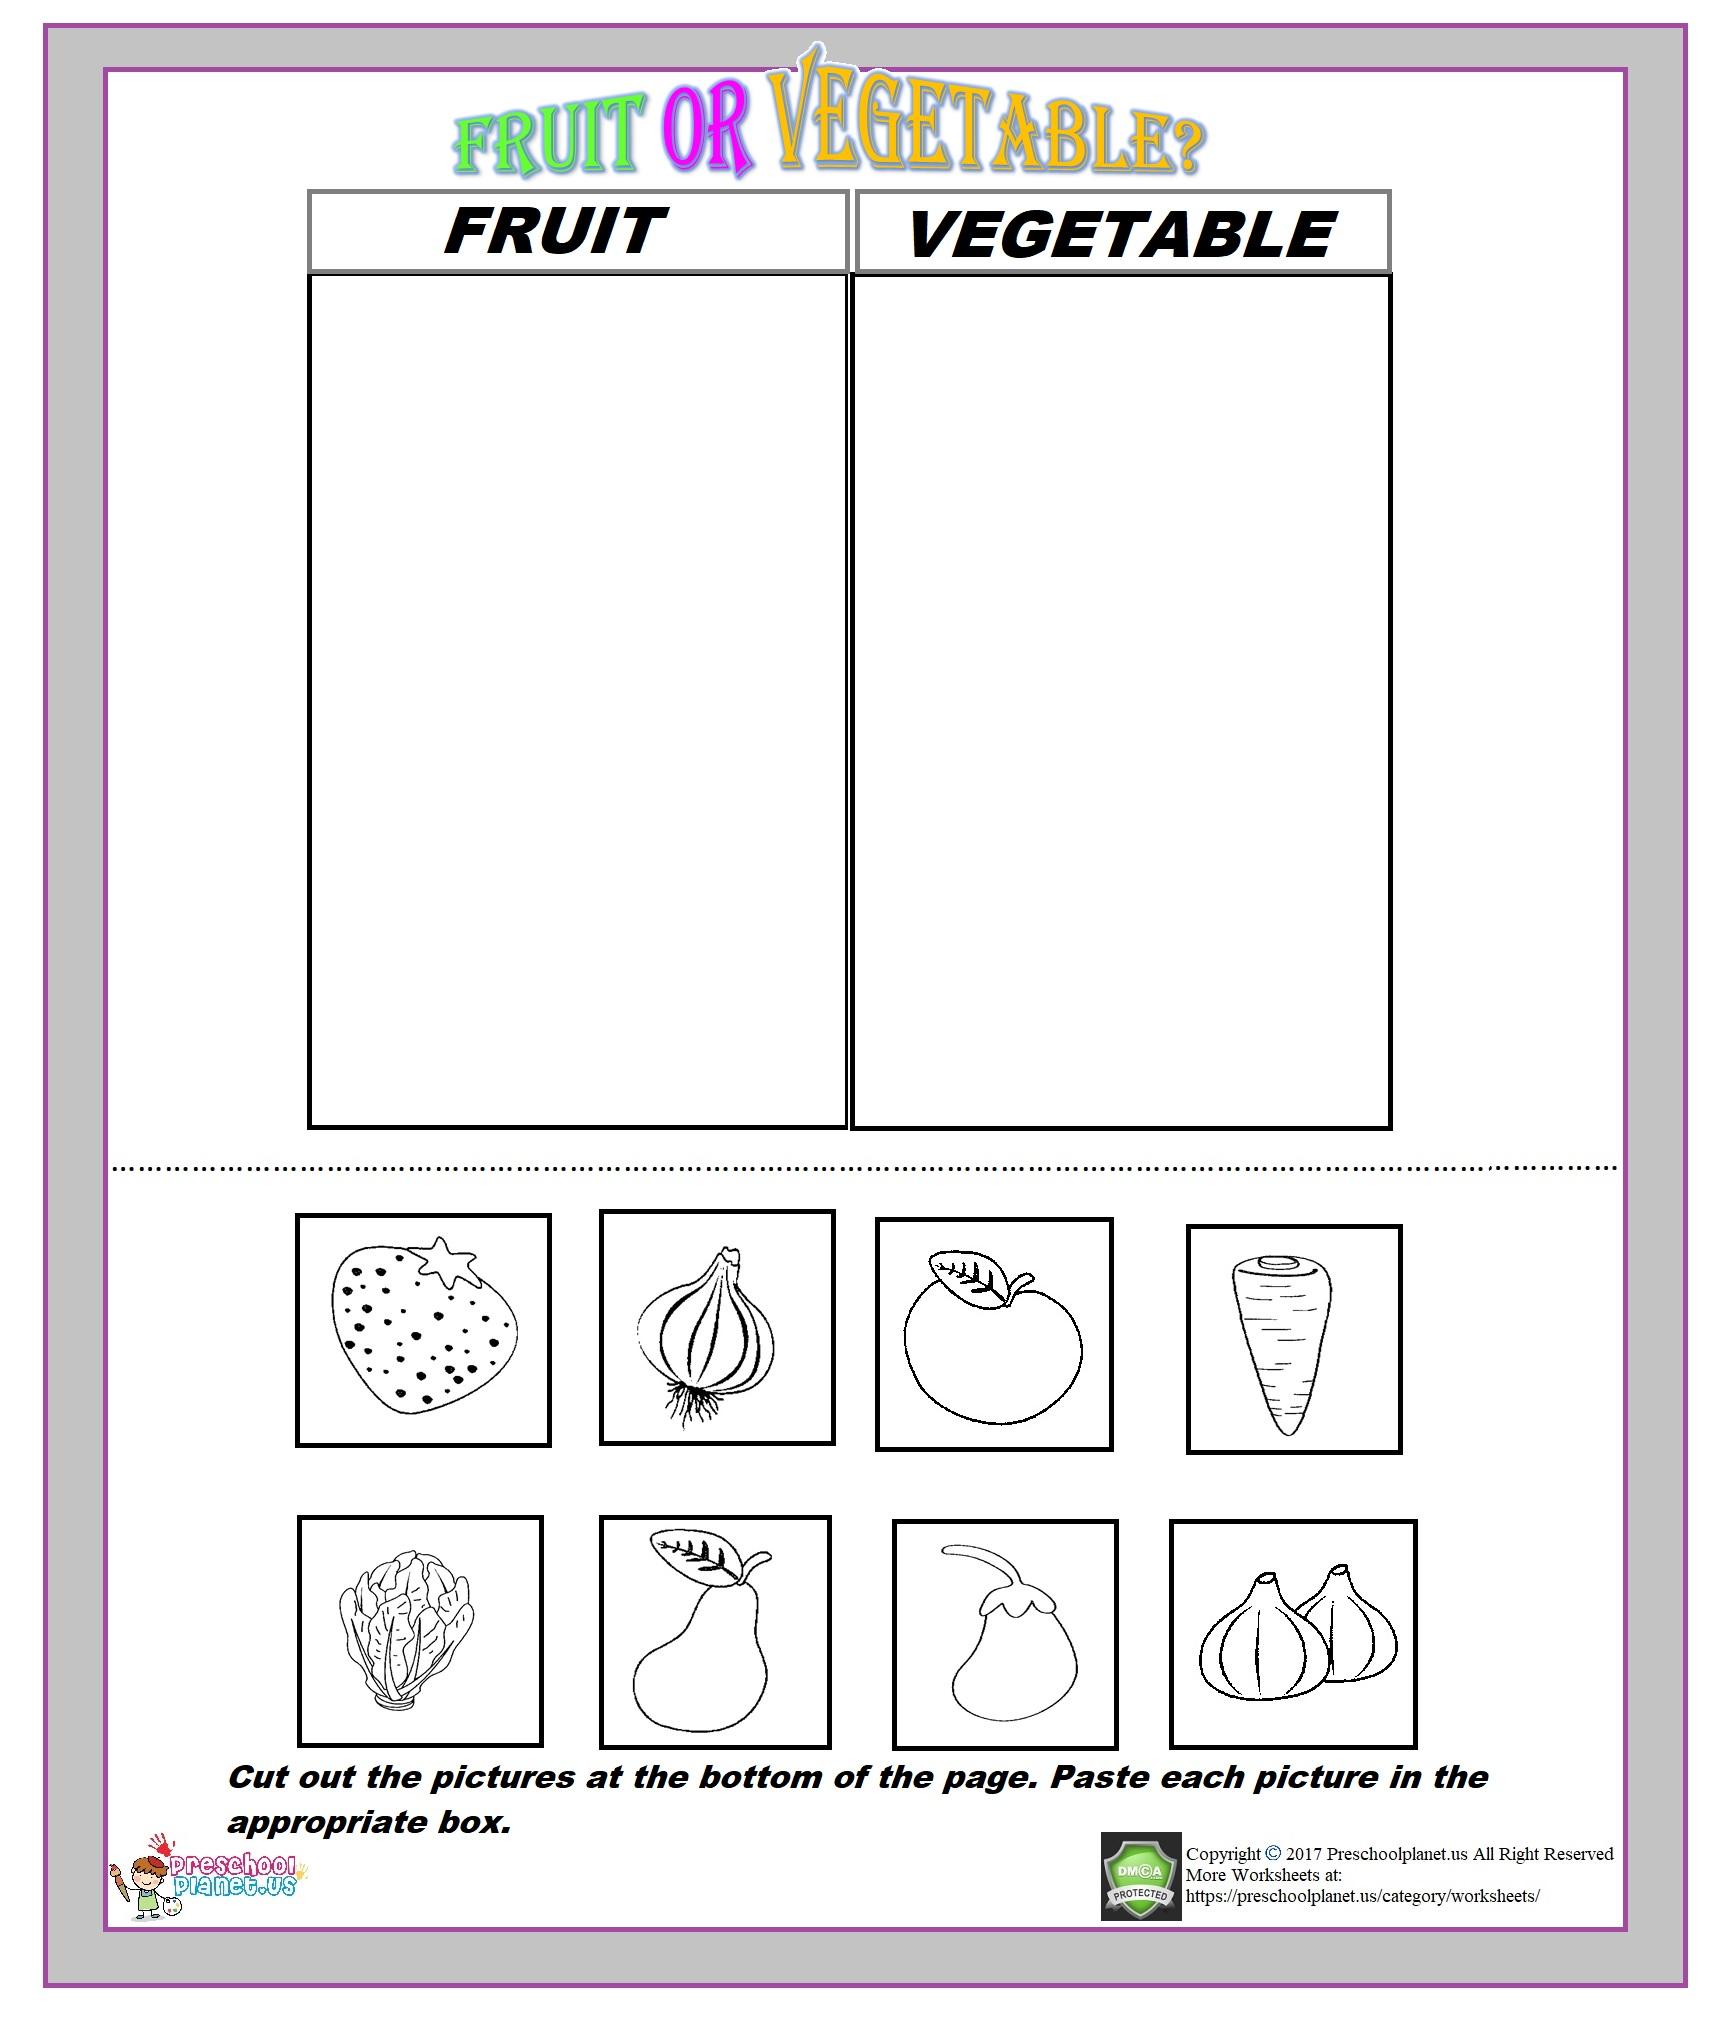 Fruit Or Vegetable Worksheet – Preschoolplanet